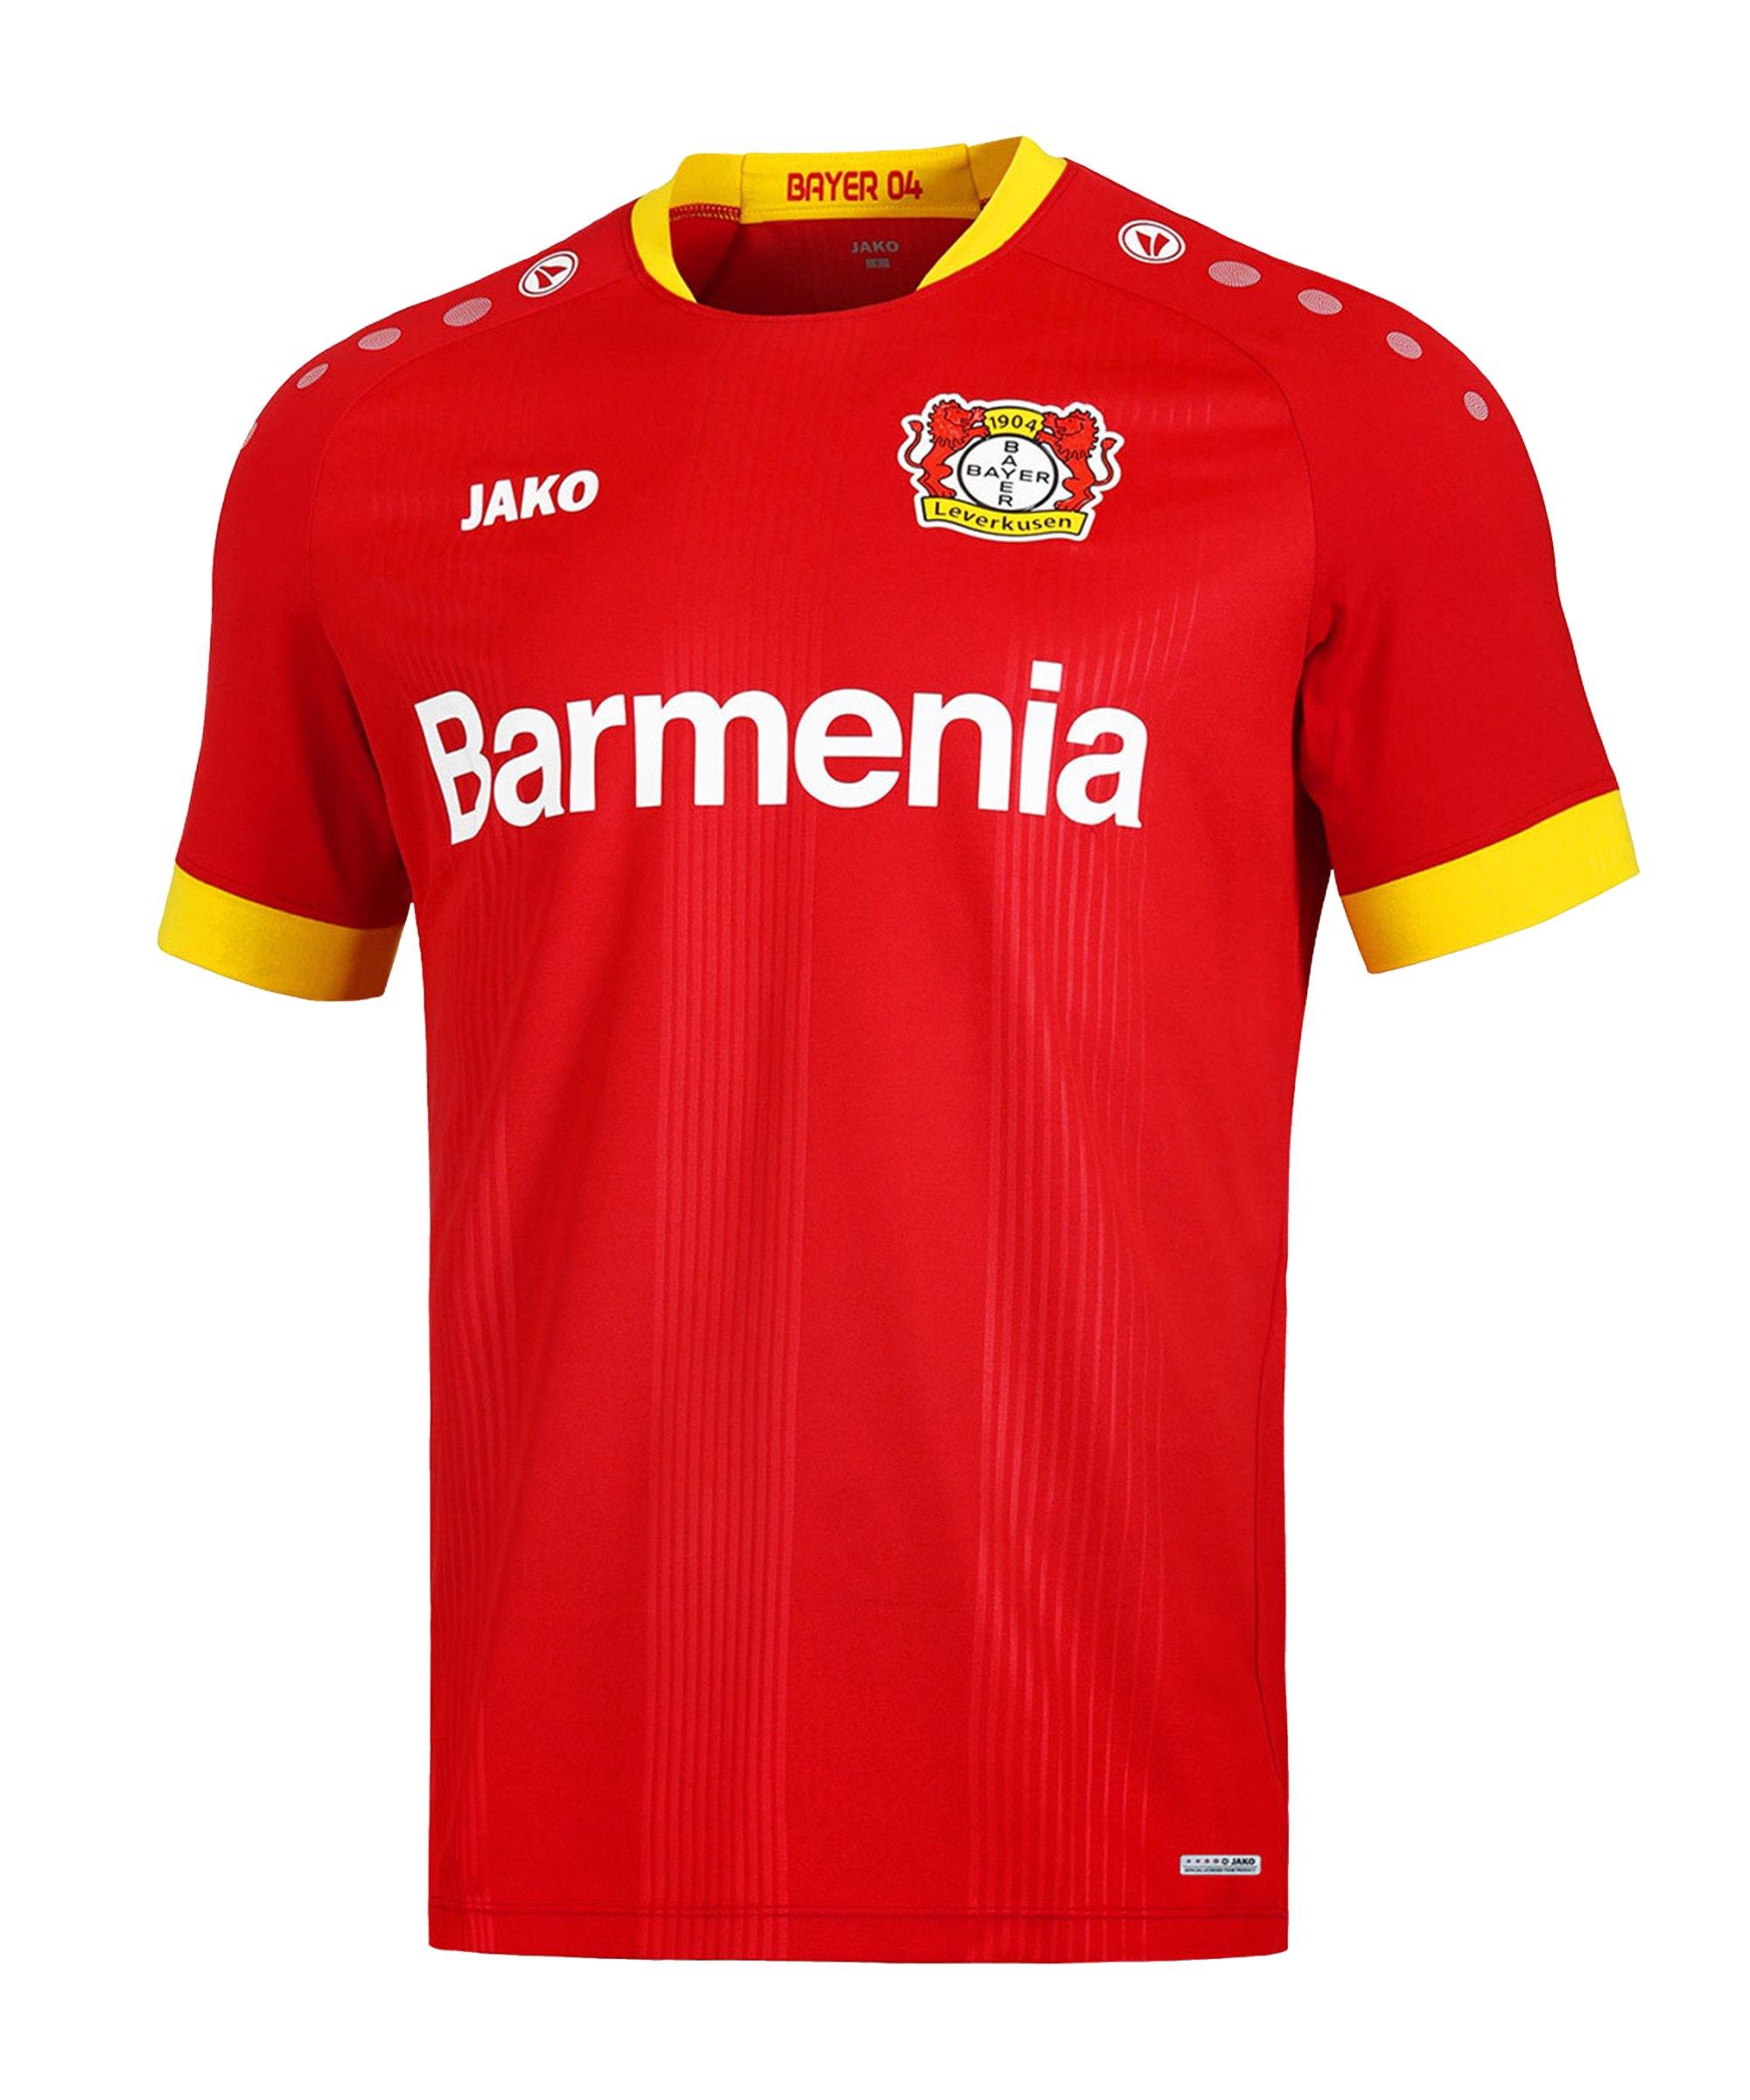 JAKO Bayer 04 Leverkusen Trikot Away 2020/2021 Rot F01 - rot